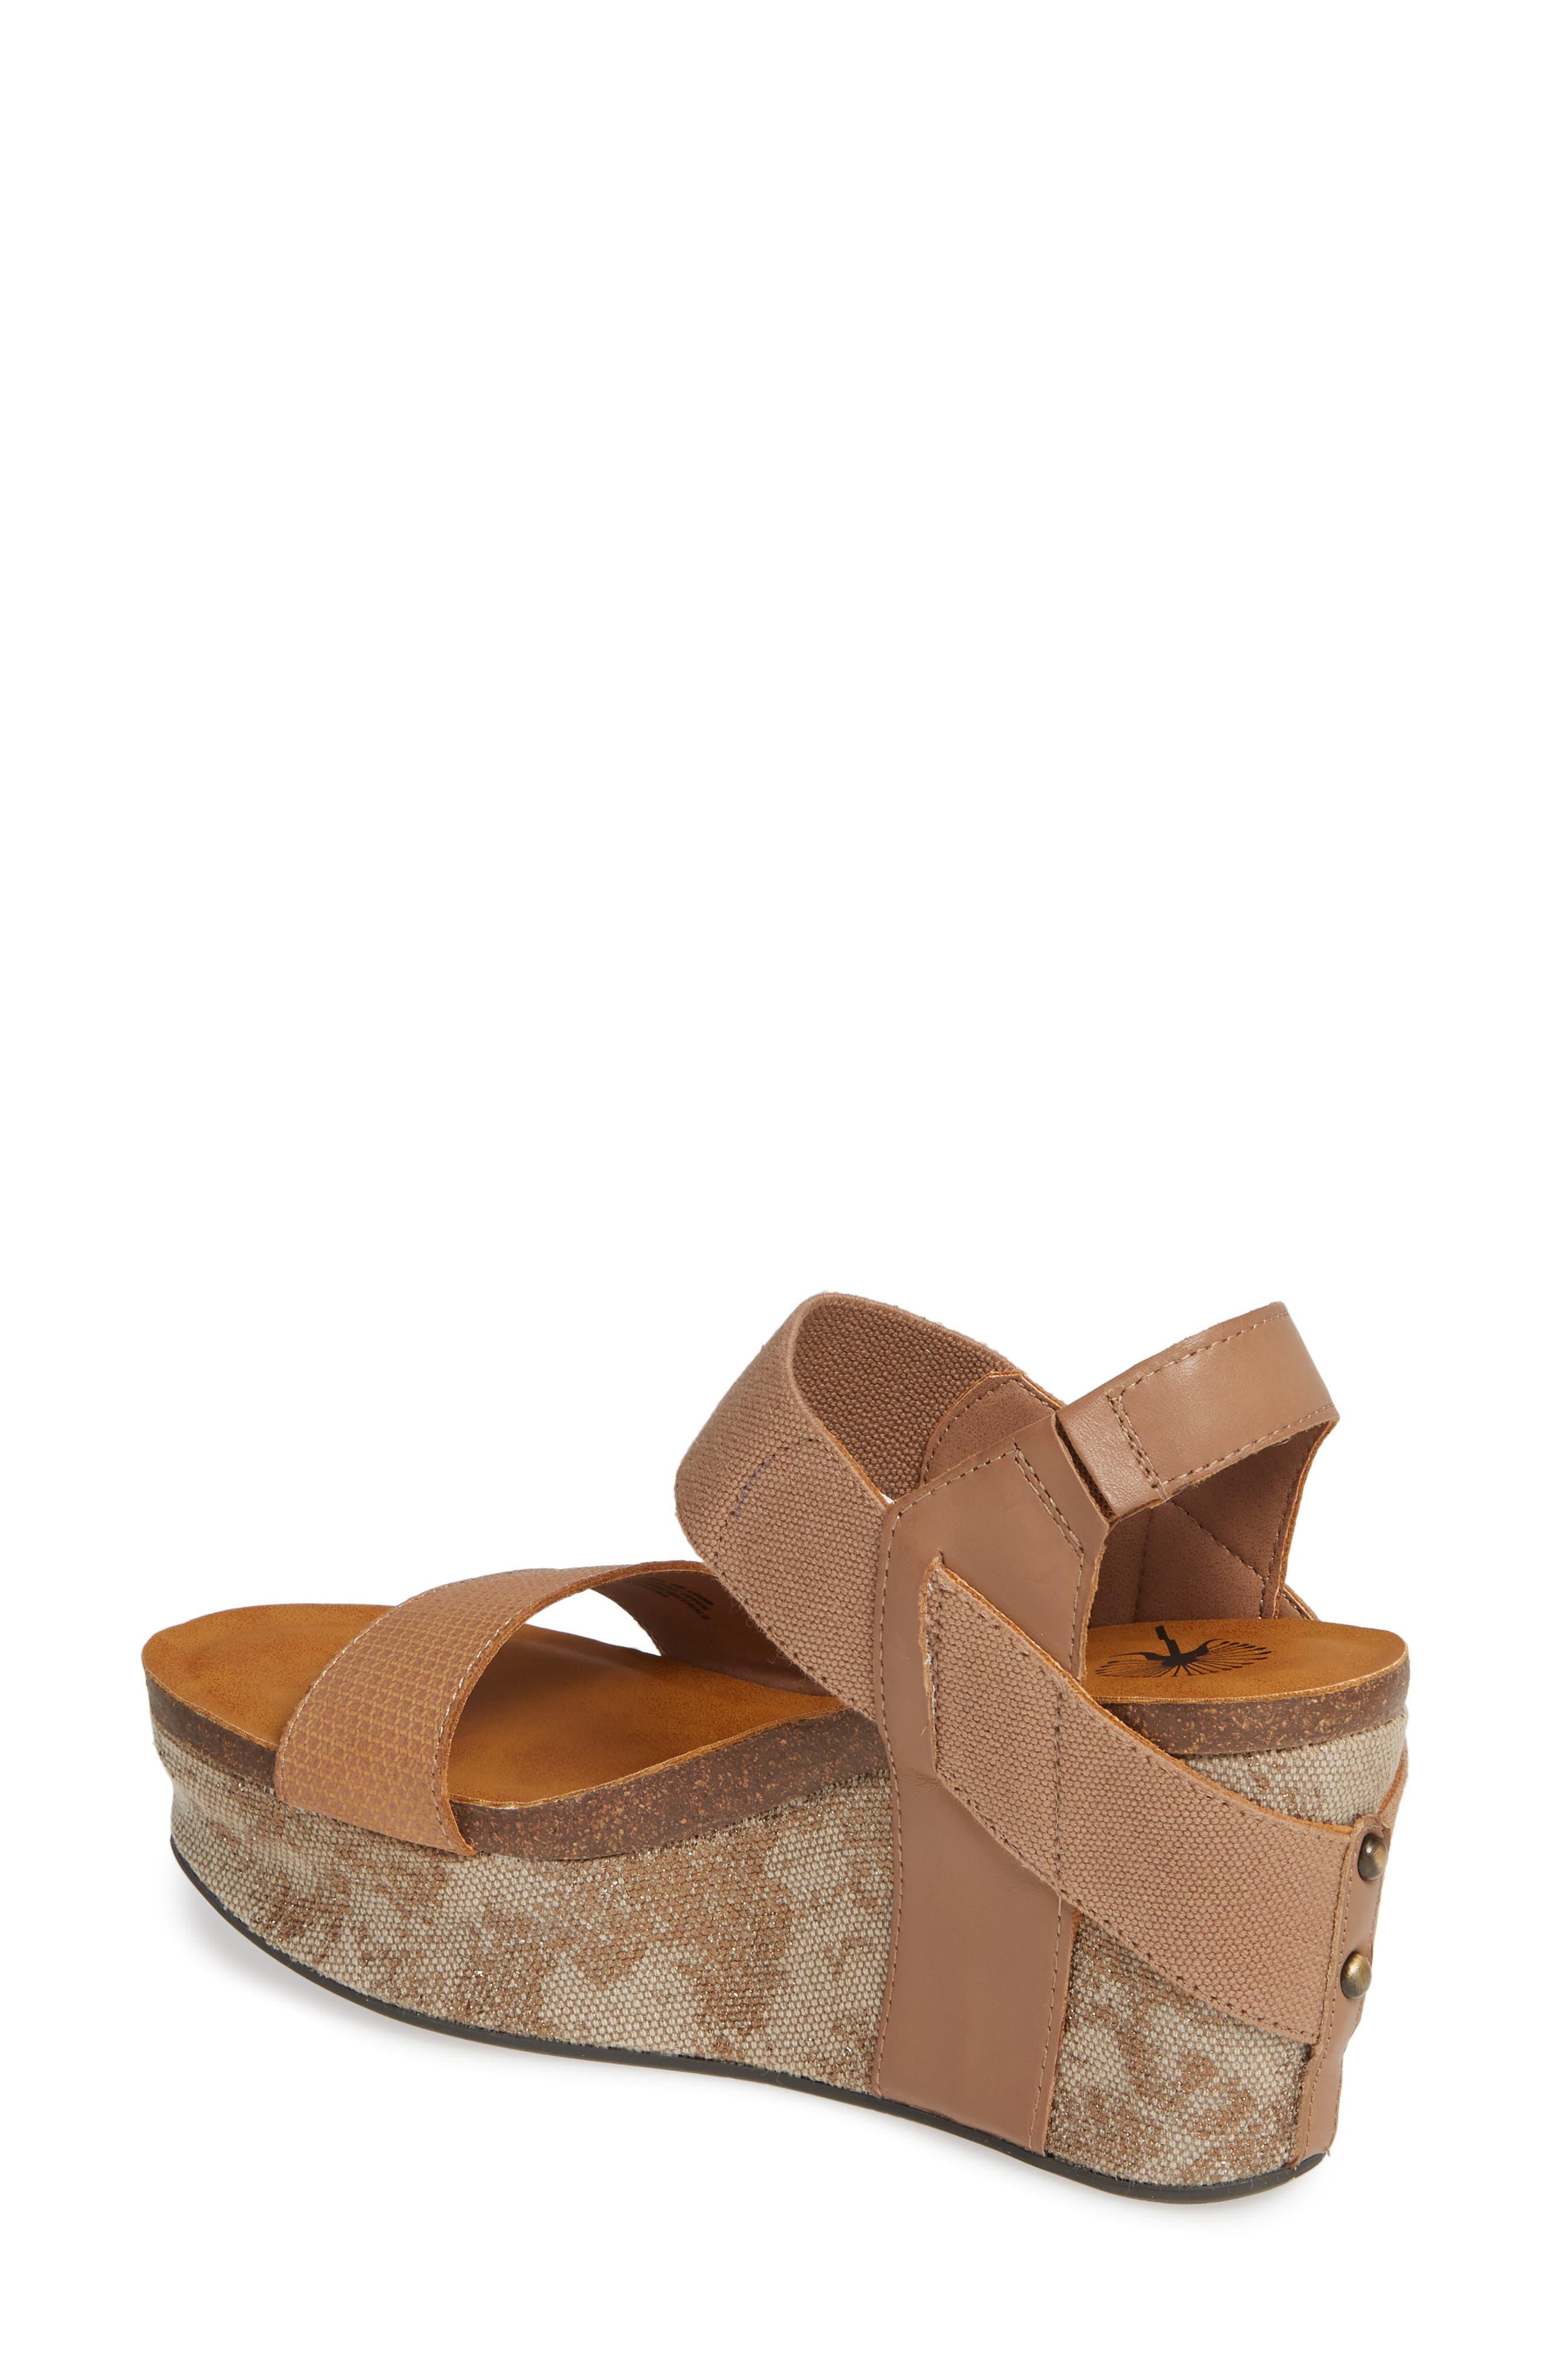 f627d9d7483 Sandals OTBT Shoes for Women